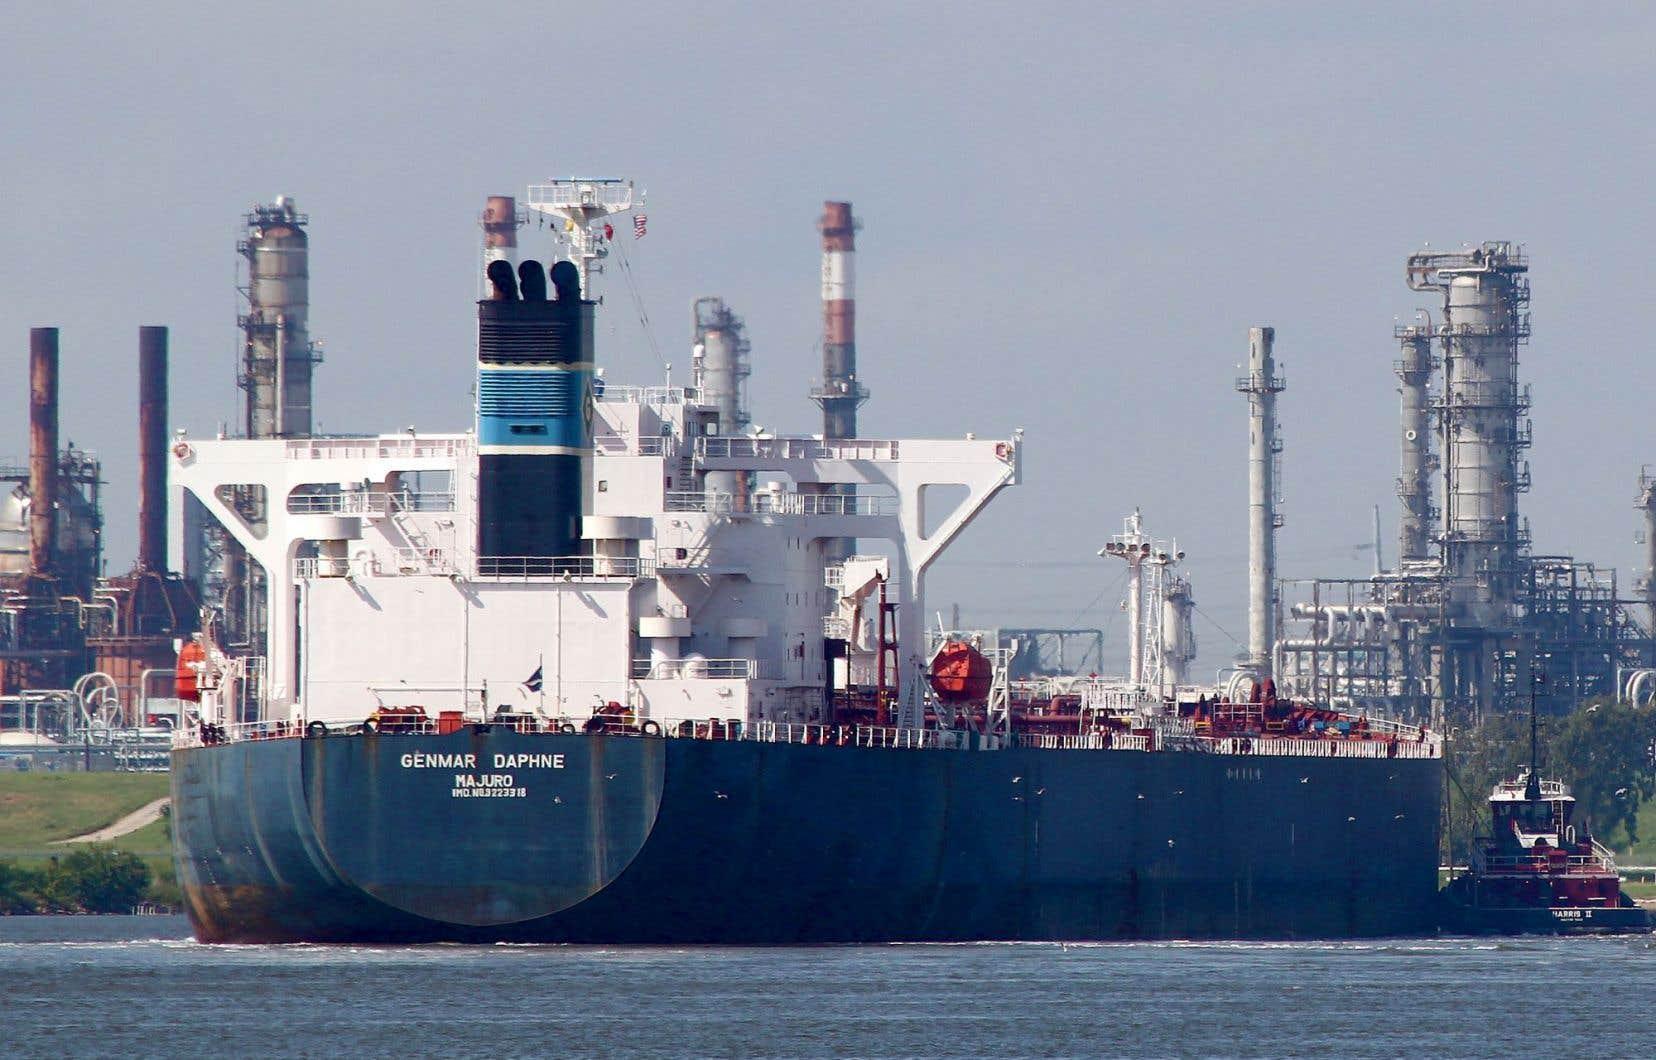 Le «Genmar Daphne» devait arriver lundi à destination, et ce, afin de venir charger des dizaines de milliers de tonnes de brut albertain.